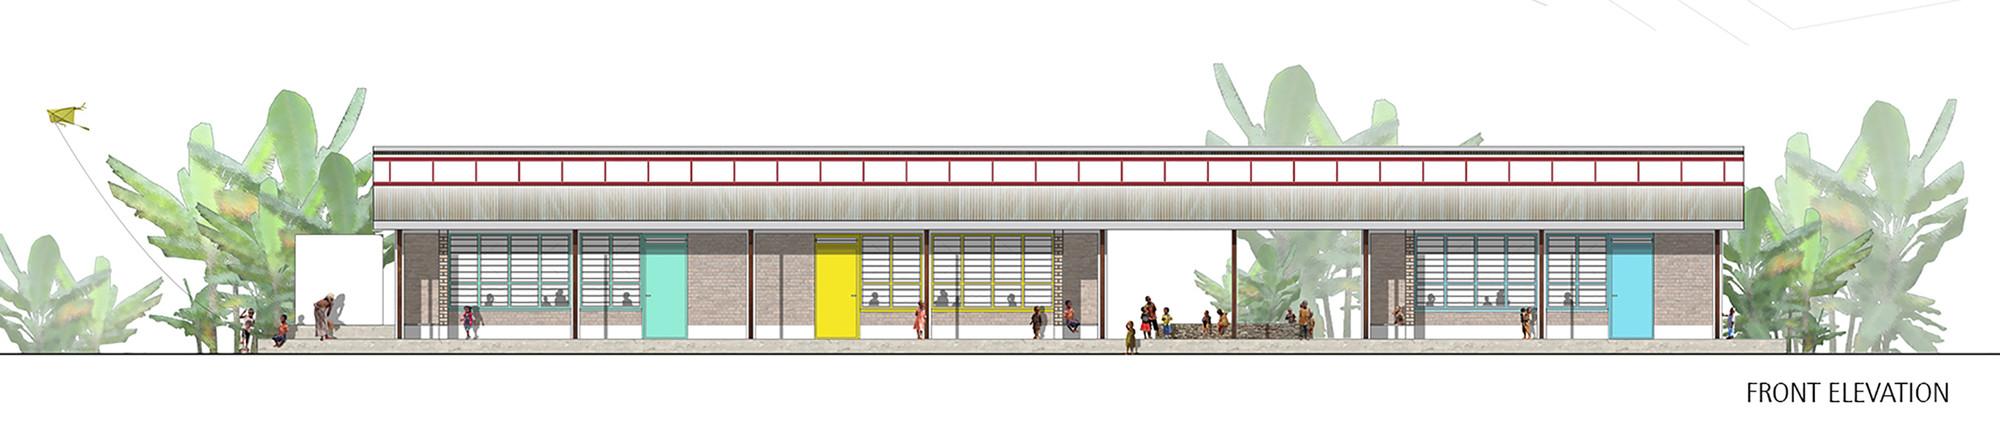 Primary School Plan Elevation : Gallery of pre primary school asa studio